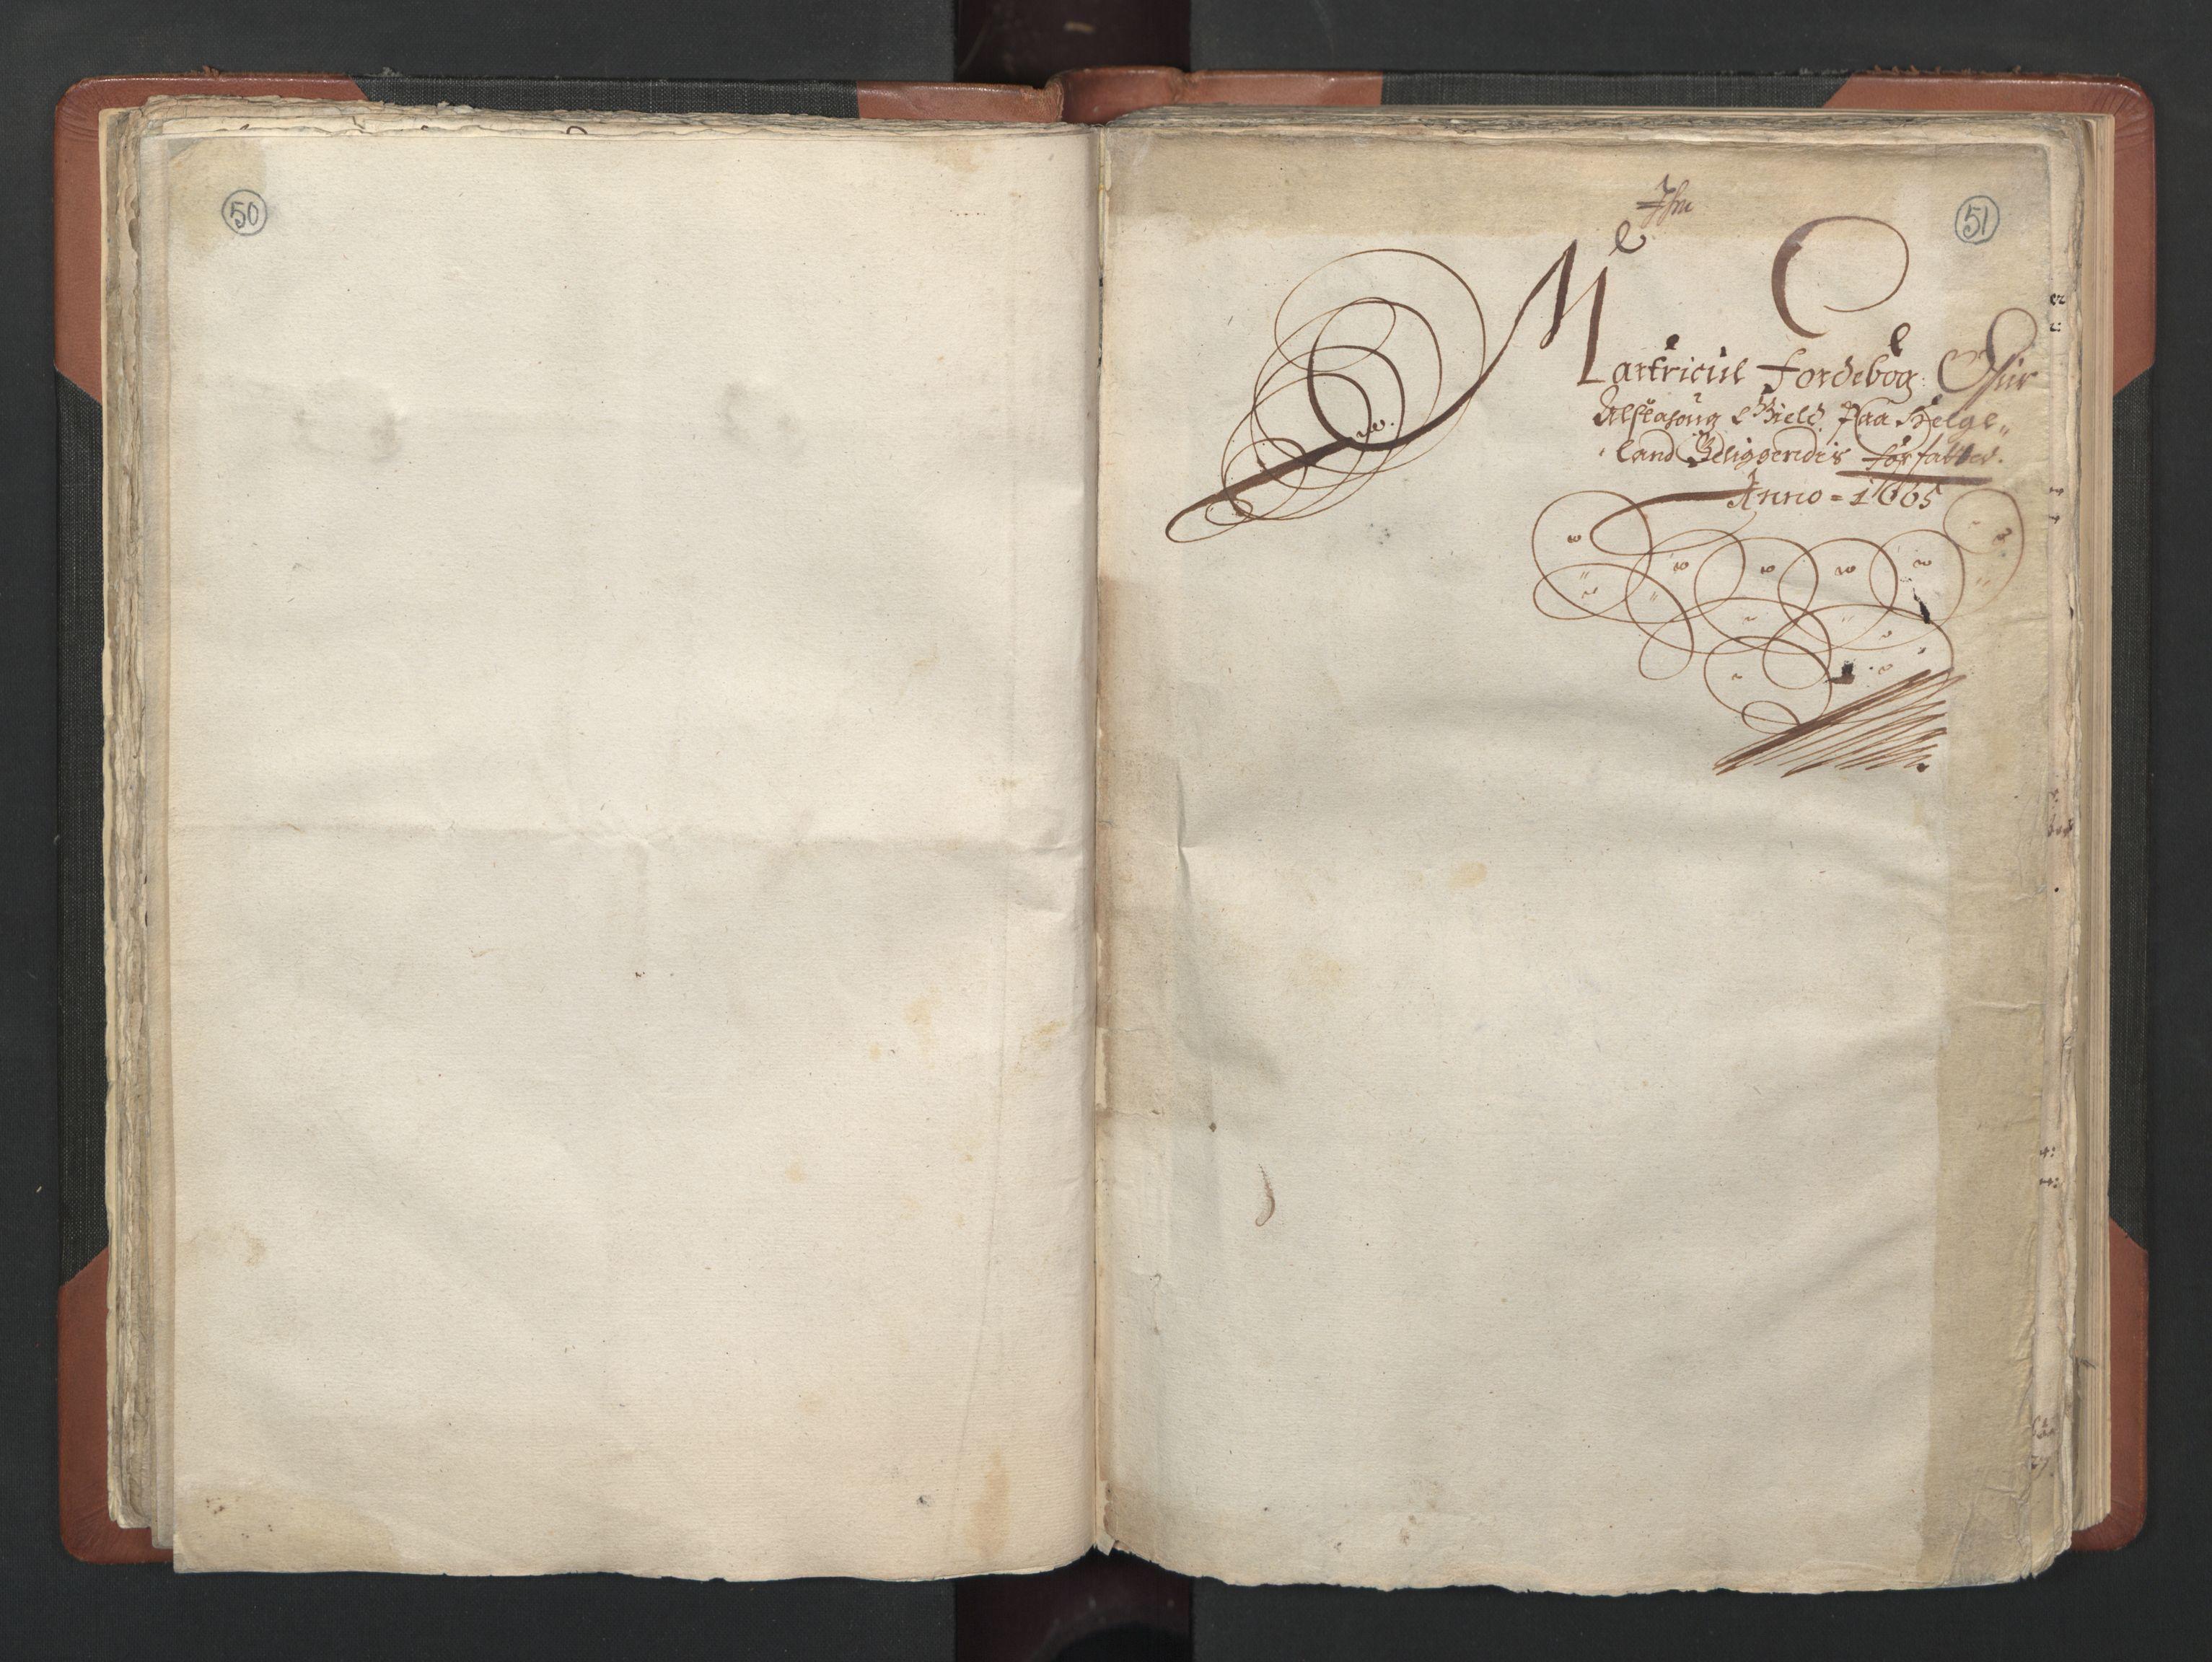 RA, Fogdenes og sorenskrivernes manntall 1664-1666, nr. 20: Fogderier (len og skipreider) i nåværende Nordland fylke, Troms fylke og Finnmark fylke, 1665, s. 50-51